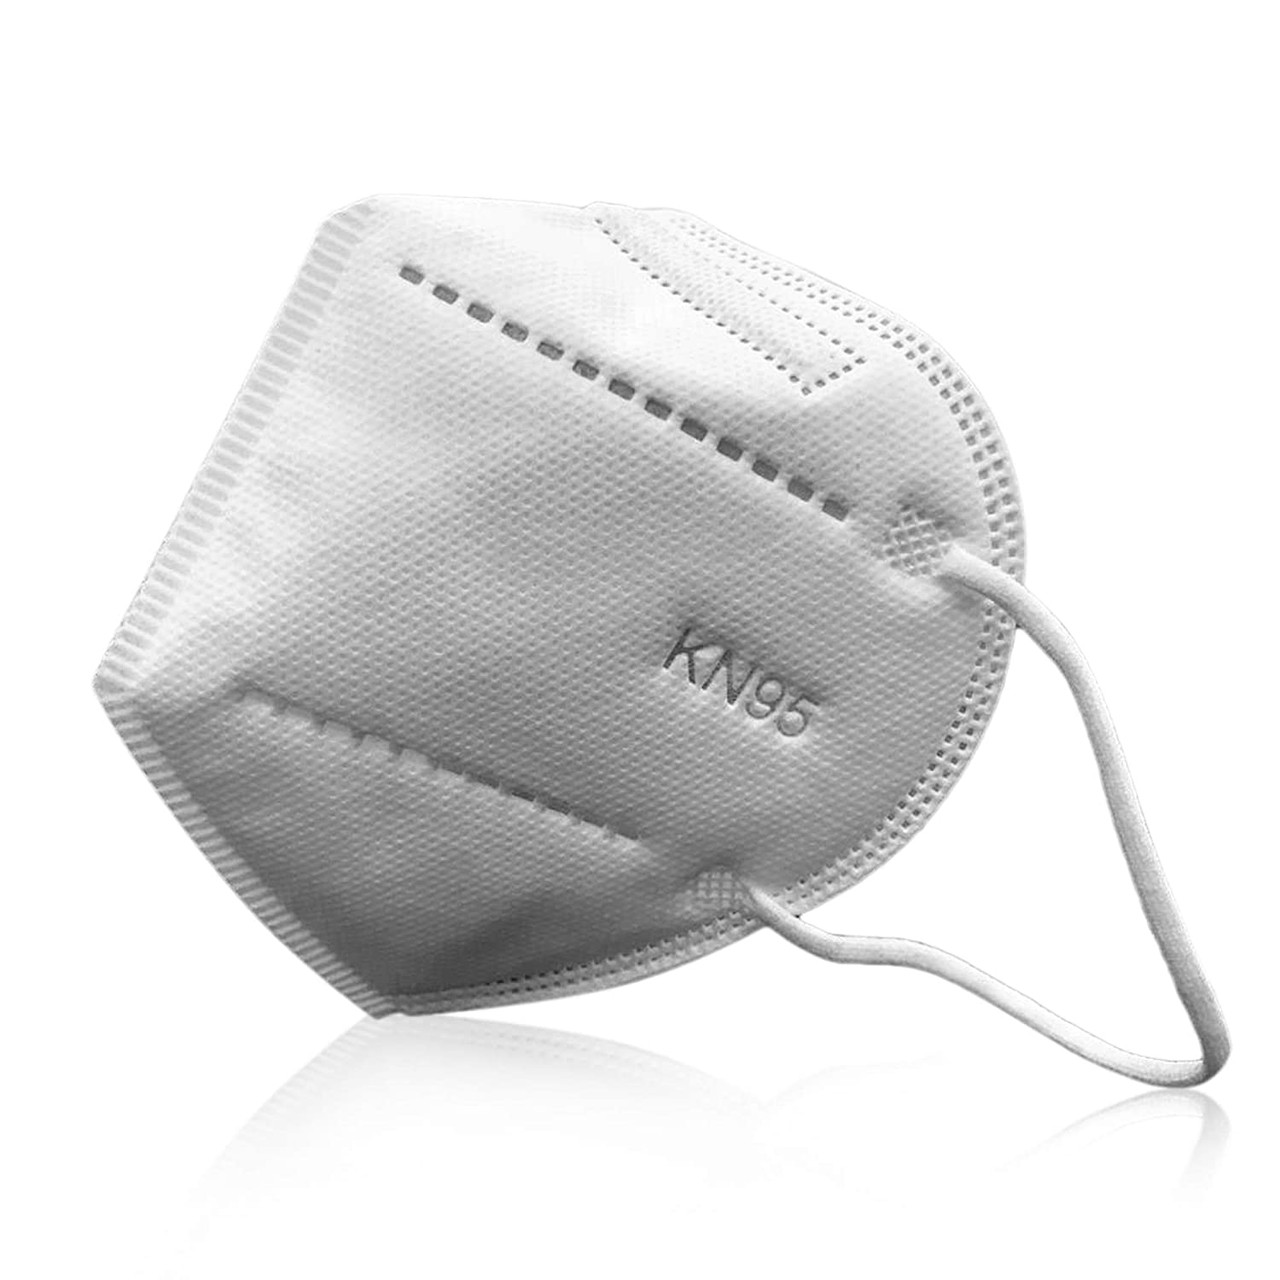 KN95 Face Masks- 1000 Pack